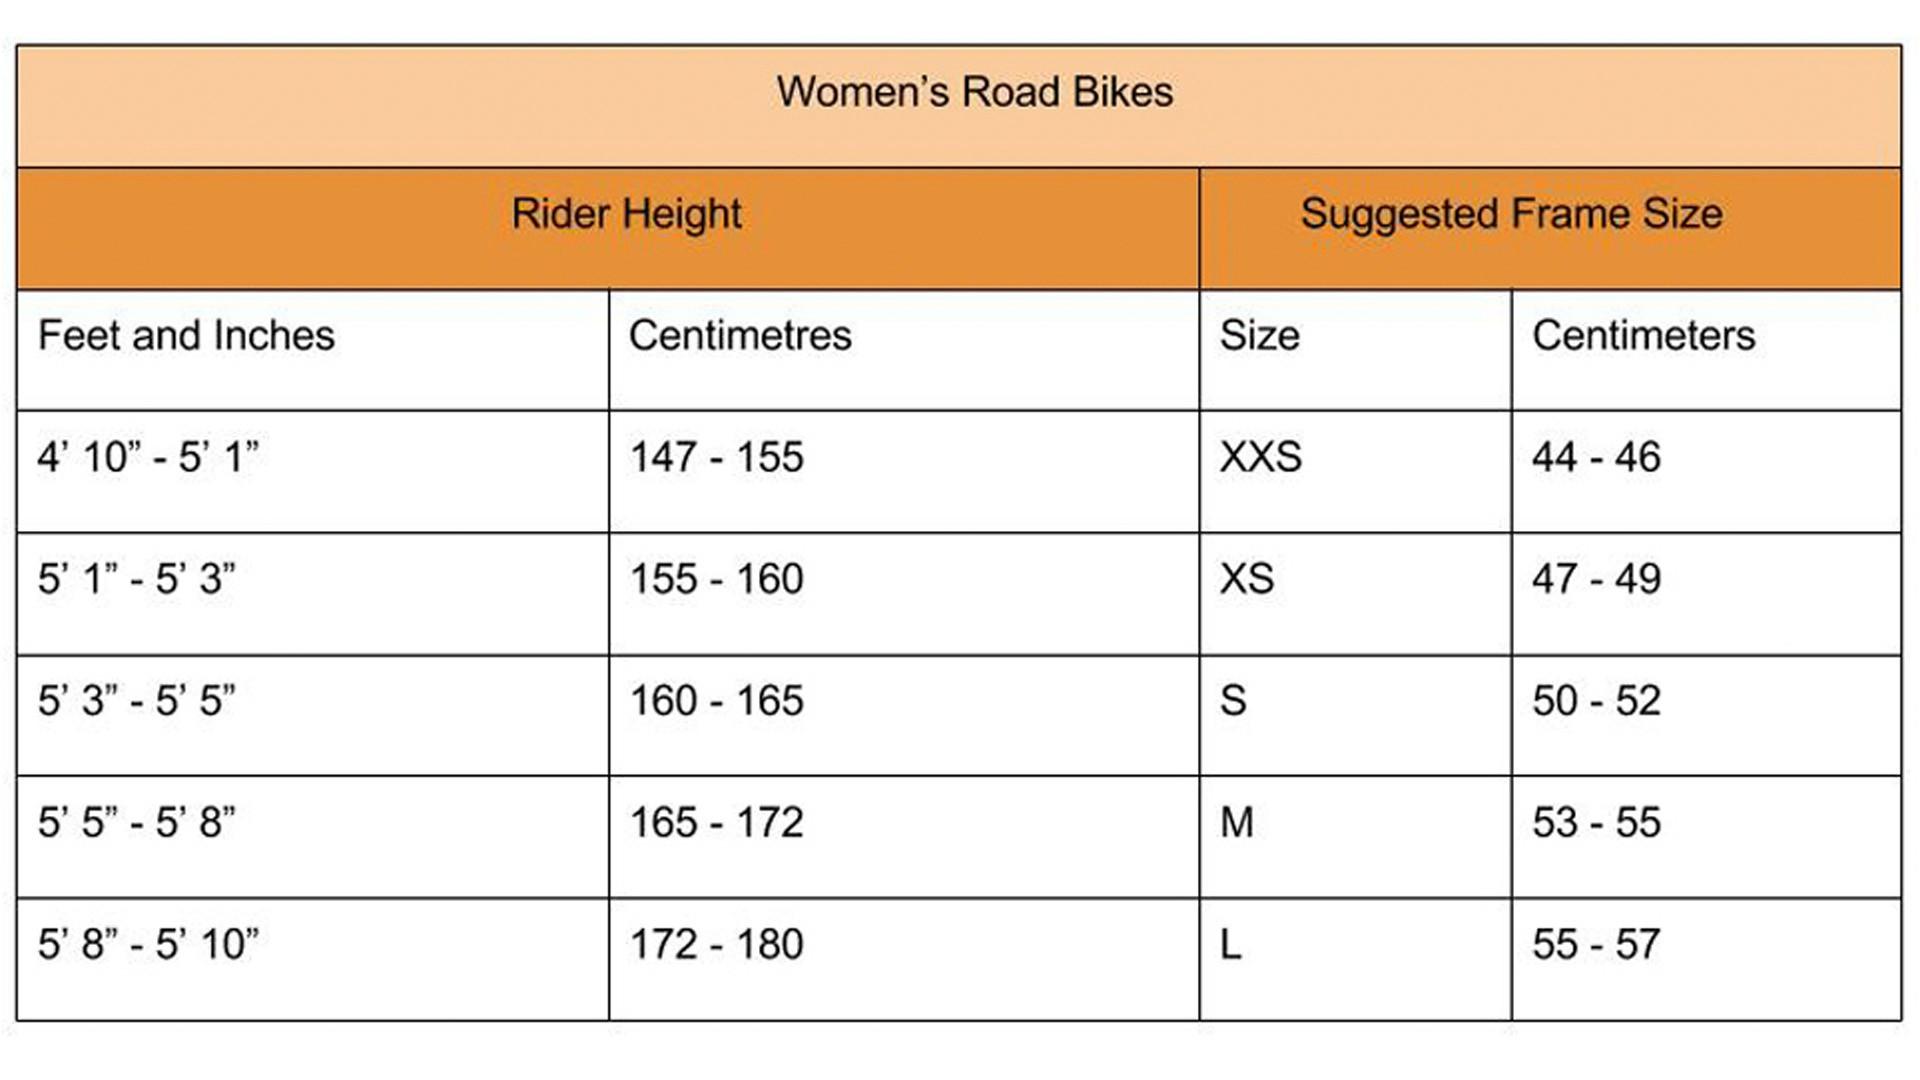 Women's road bike size guide